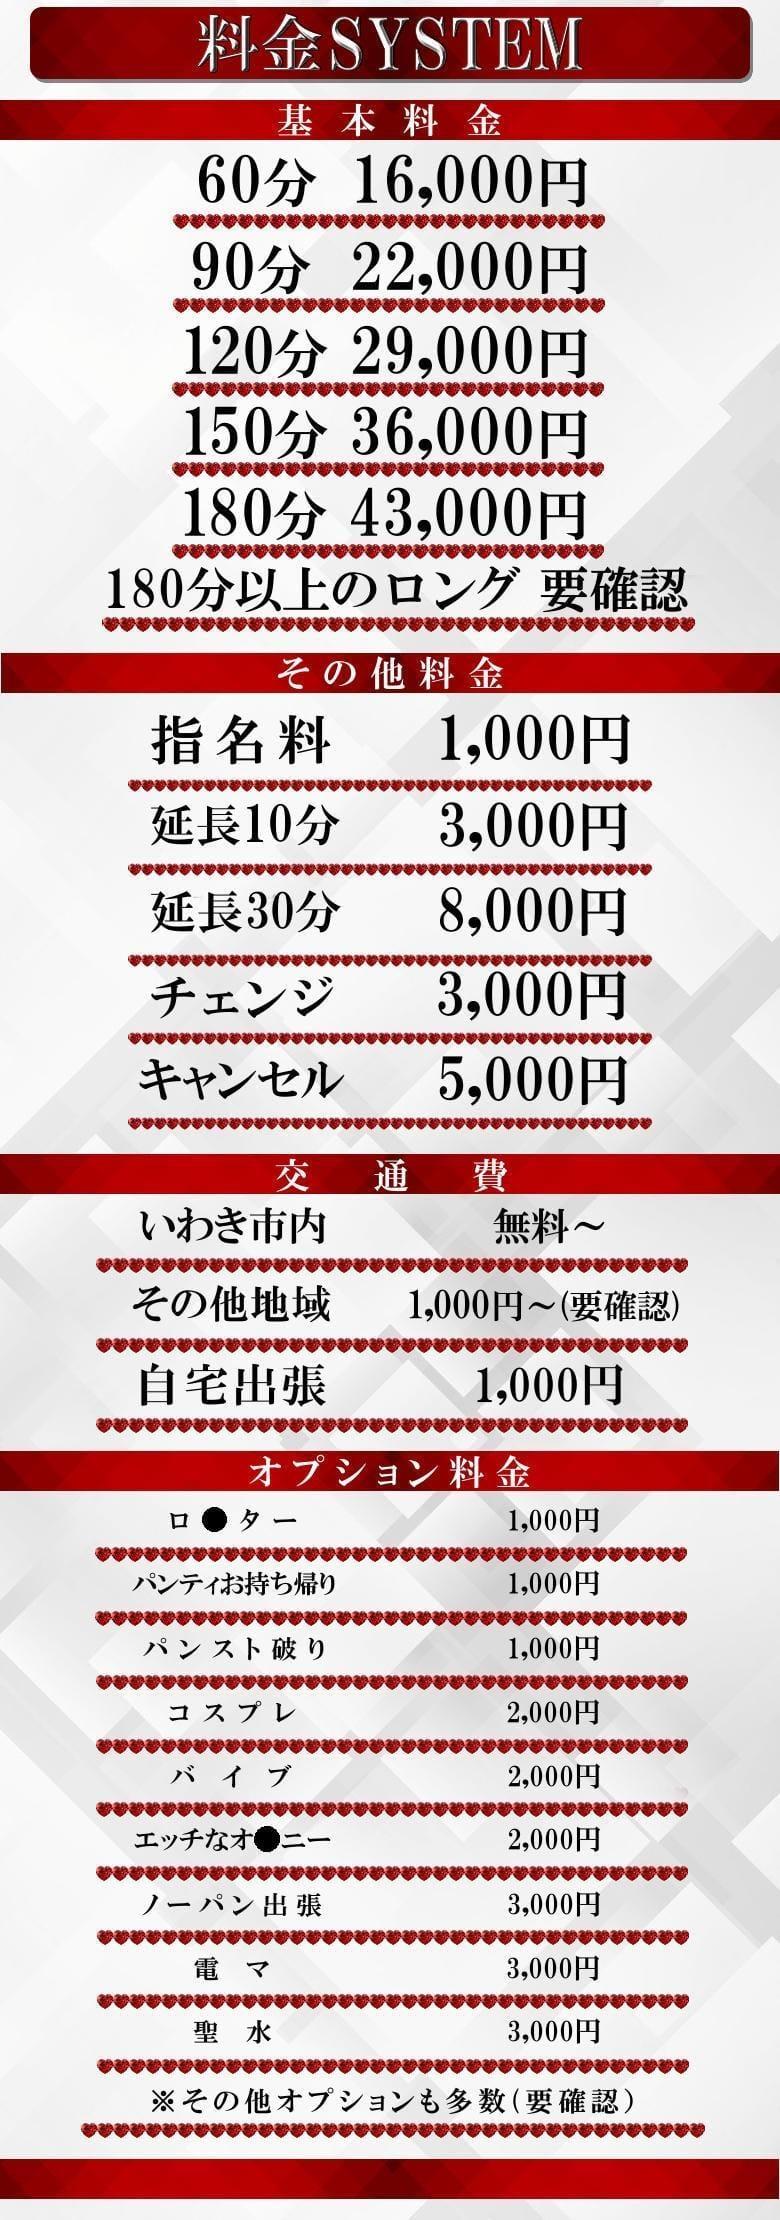 【Platinum Girl】の料金システム